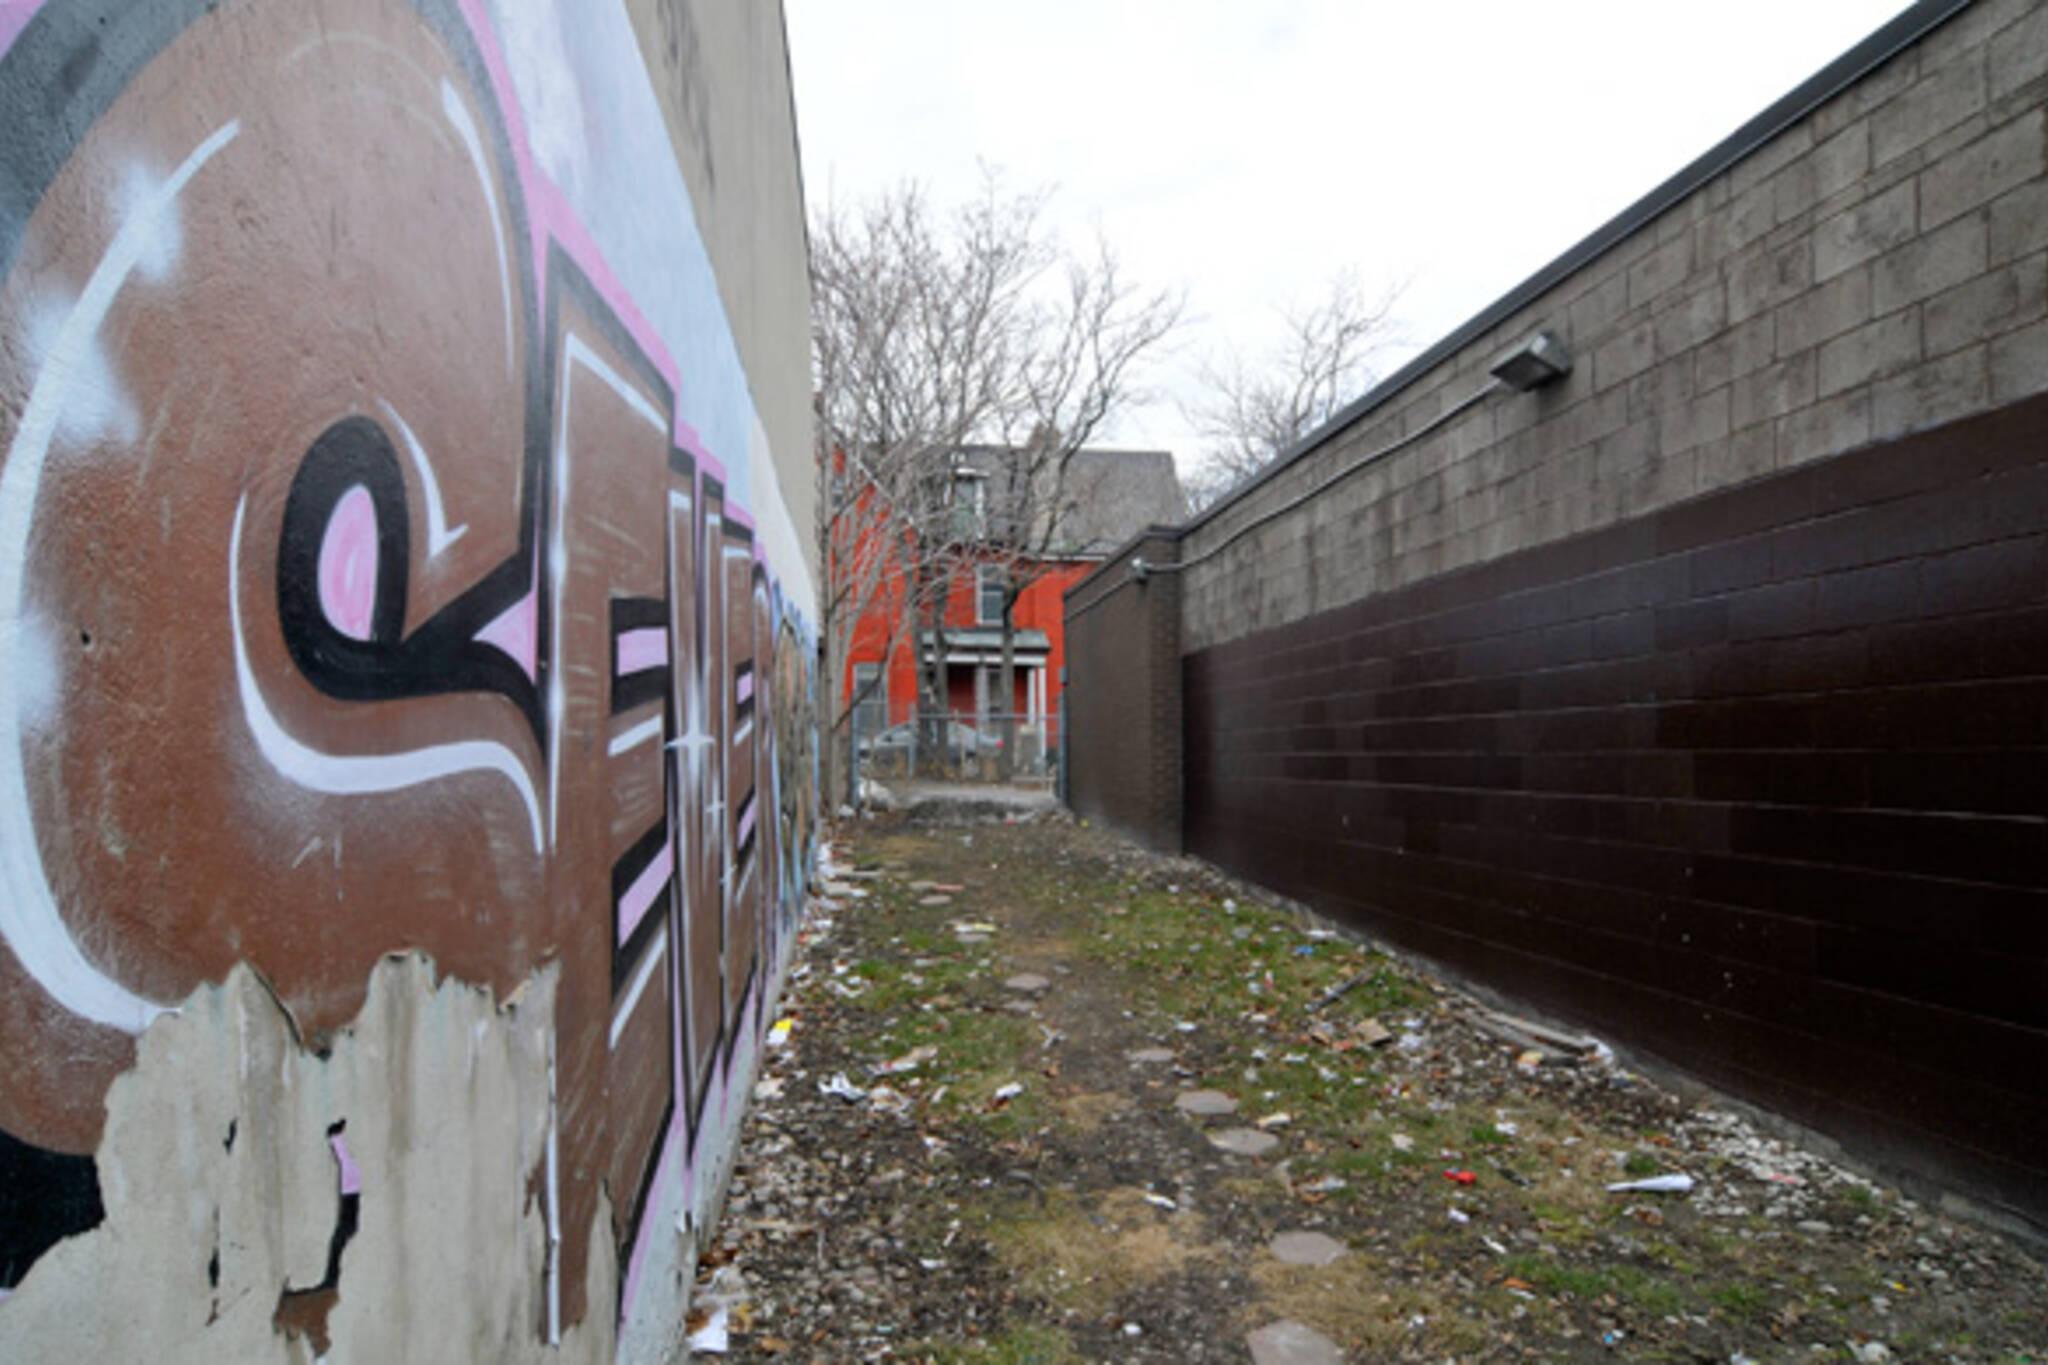 Queen West Graffiti Crackdown